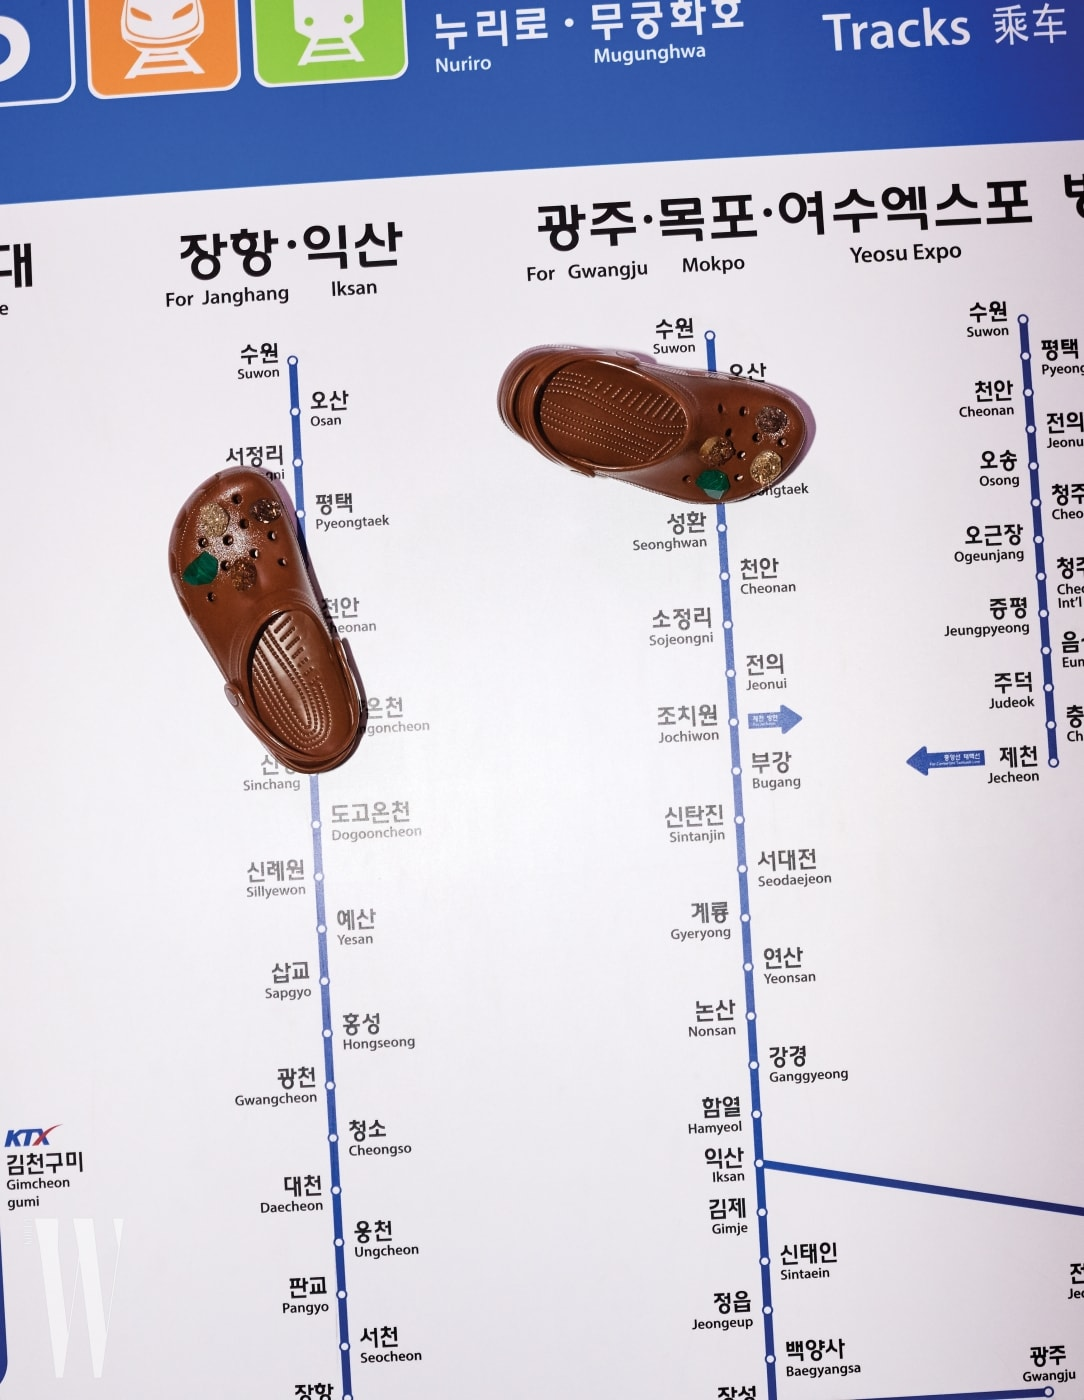 11. 크리스토퍼 케인이 디자인한 스톤 장식 크록스는 크리스토퍼 케인 X 크록스 제품. 45만원.